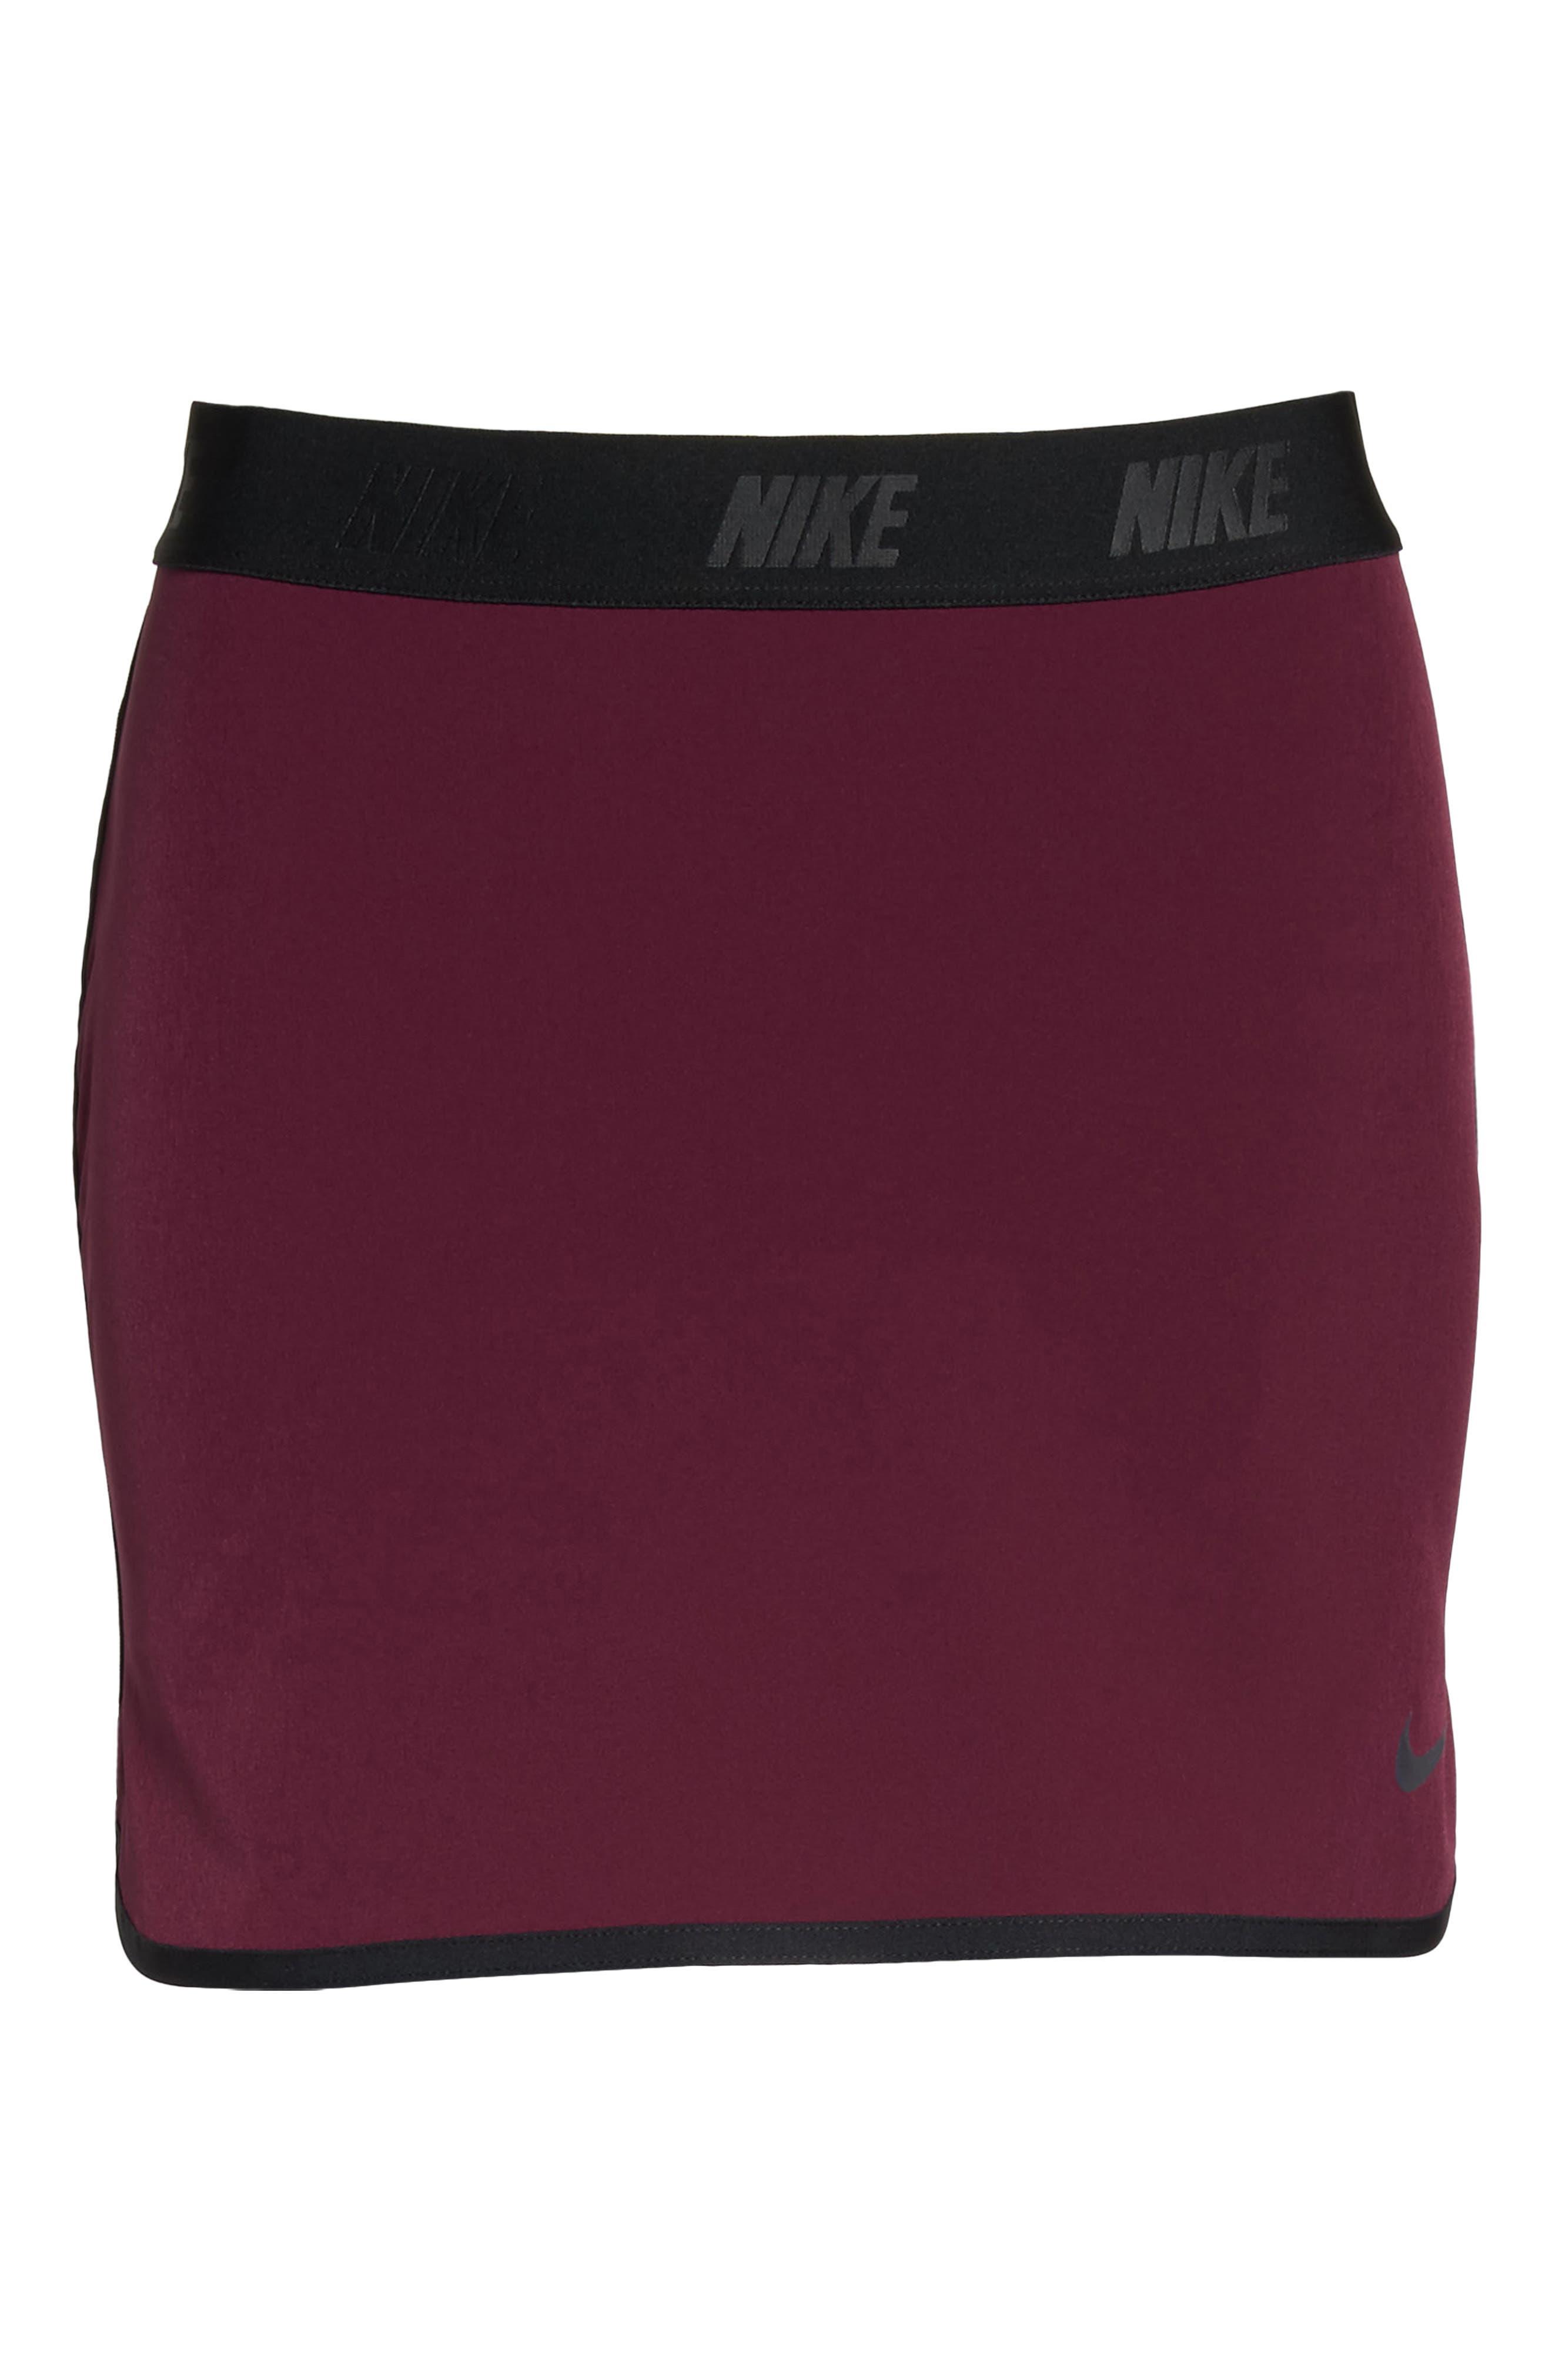 Flex Tennis Skirt,                             Alternate thumbnail 7, color,                             Burgundy